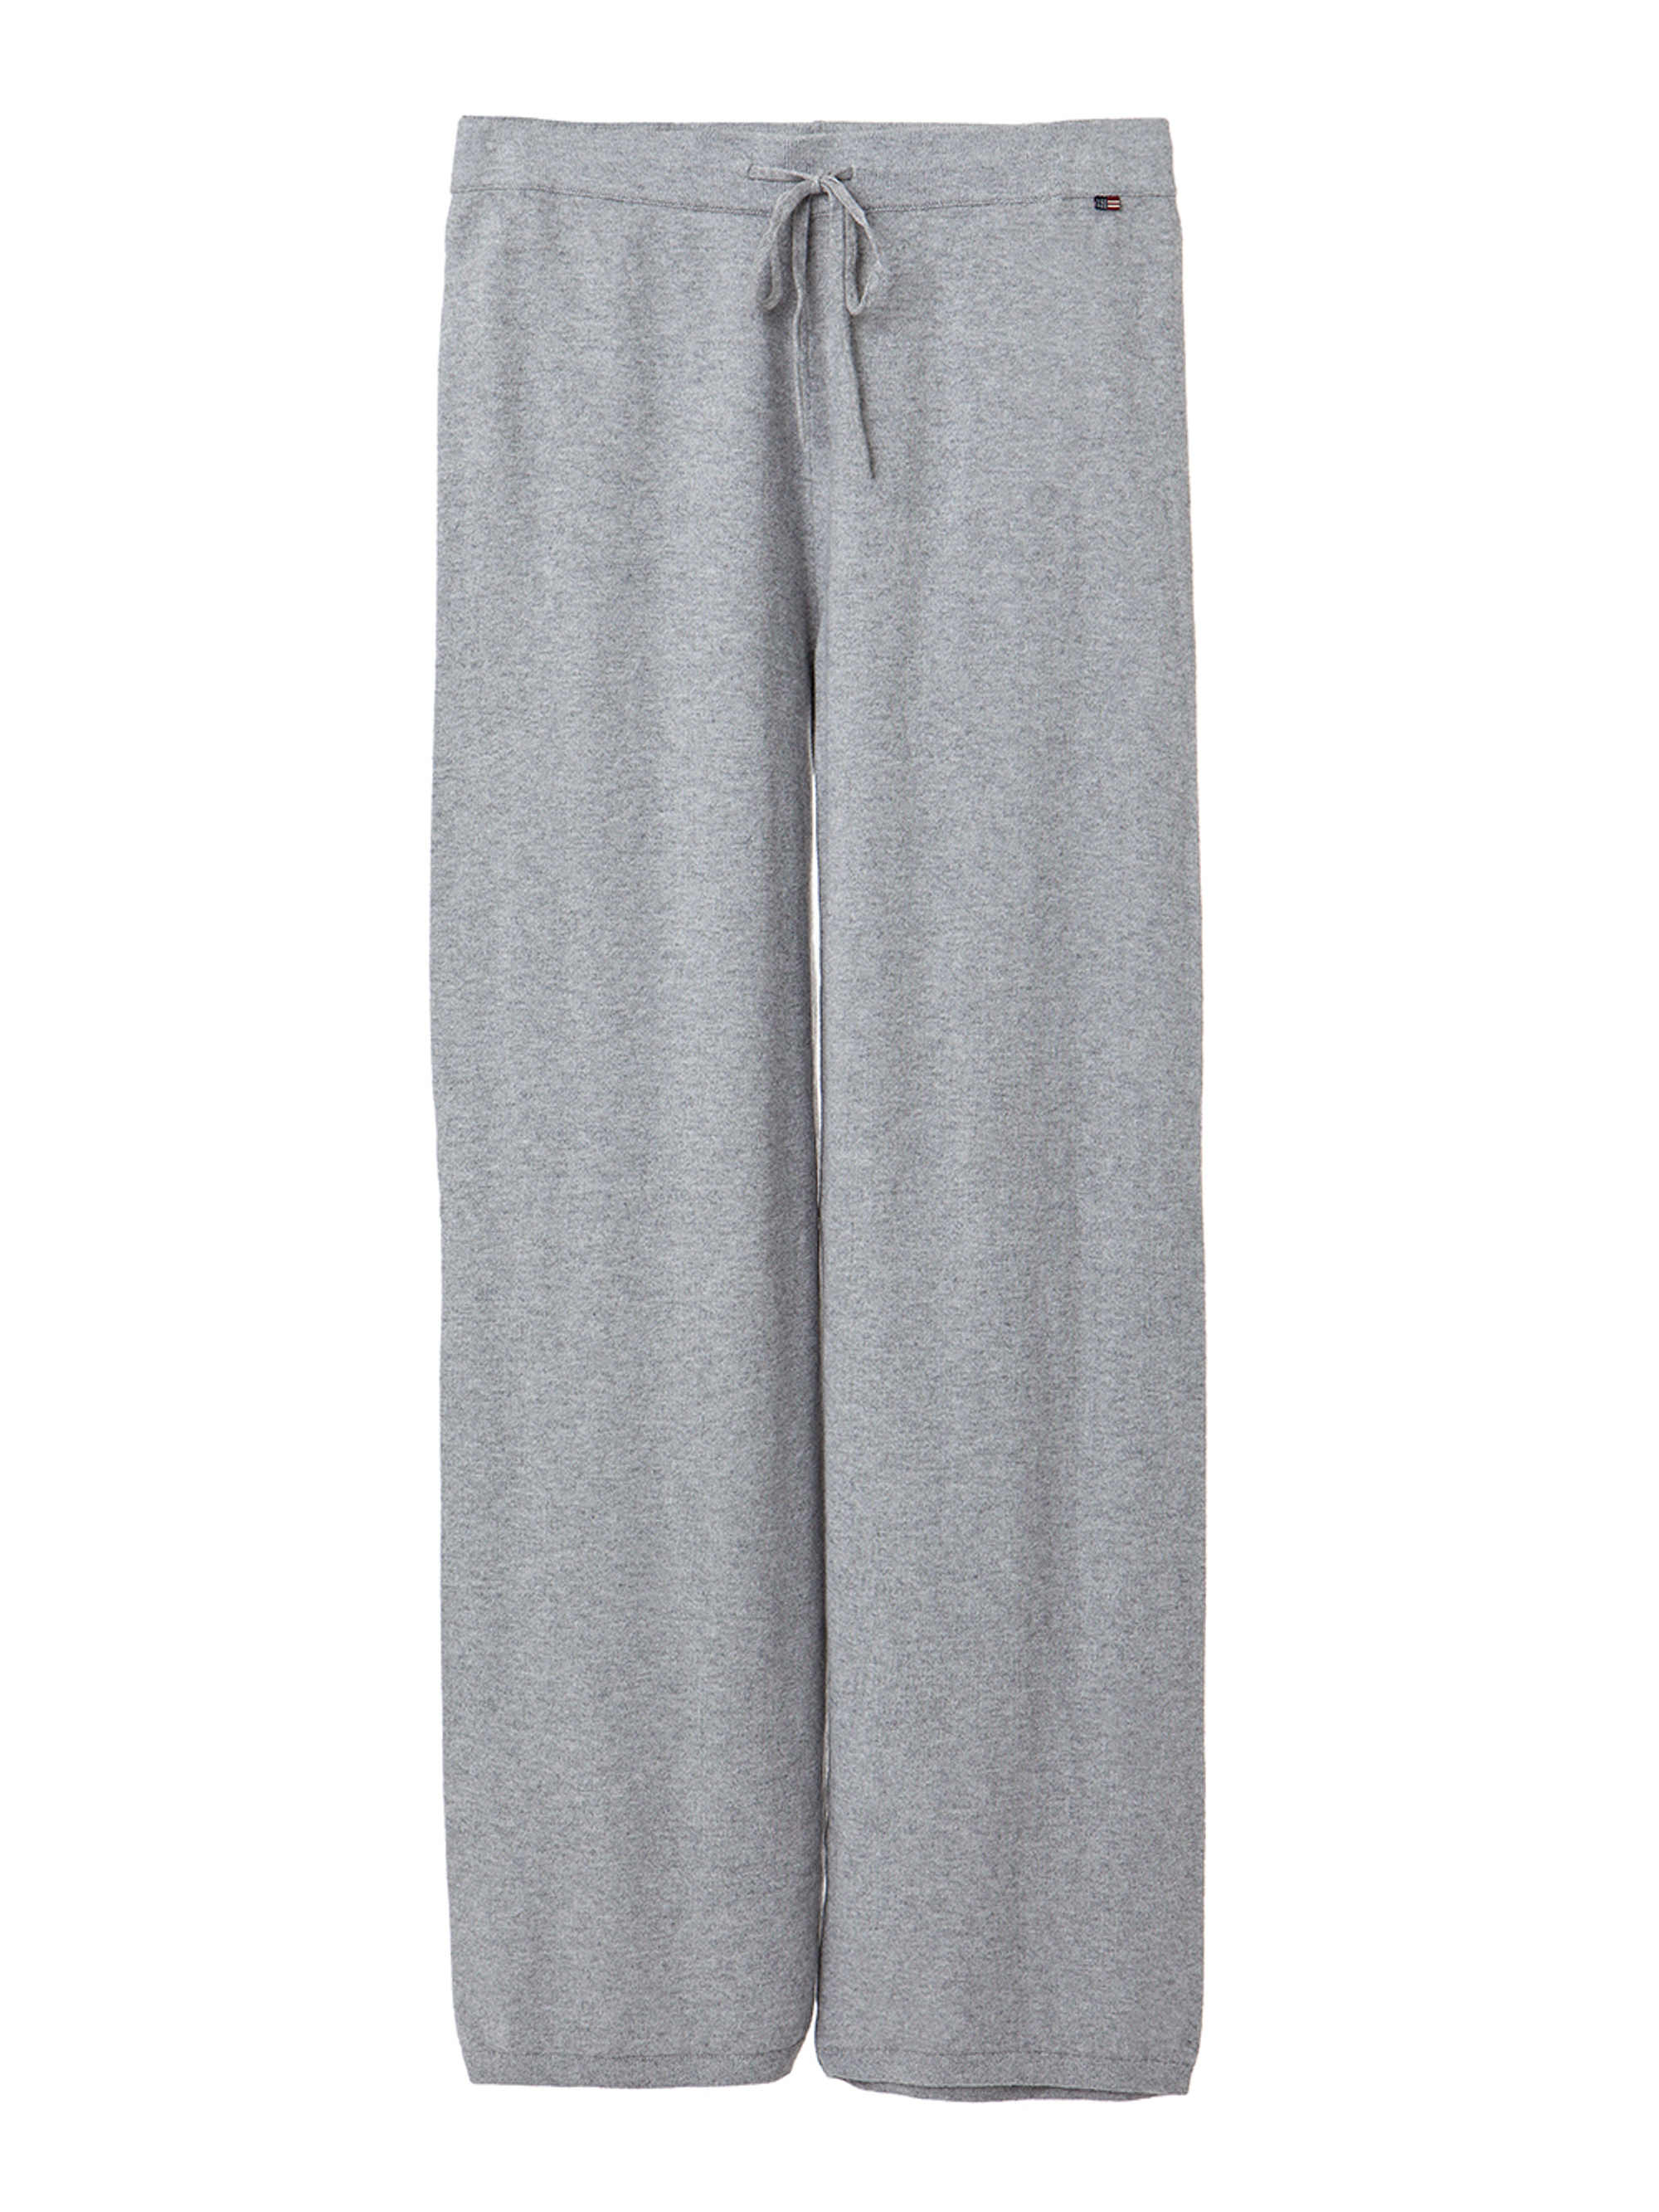 Laine Knit Pants, Light Warm Gray